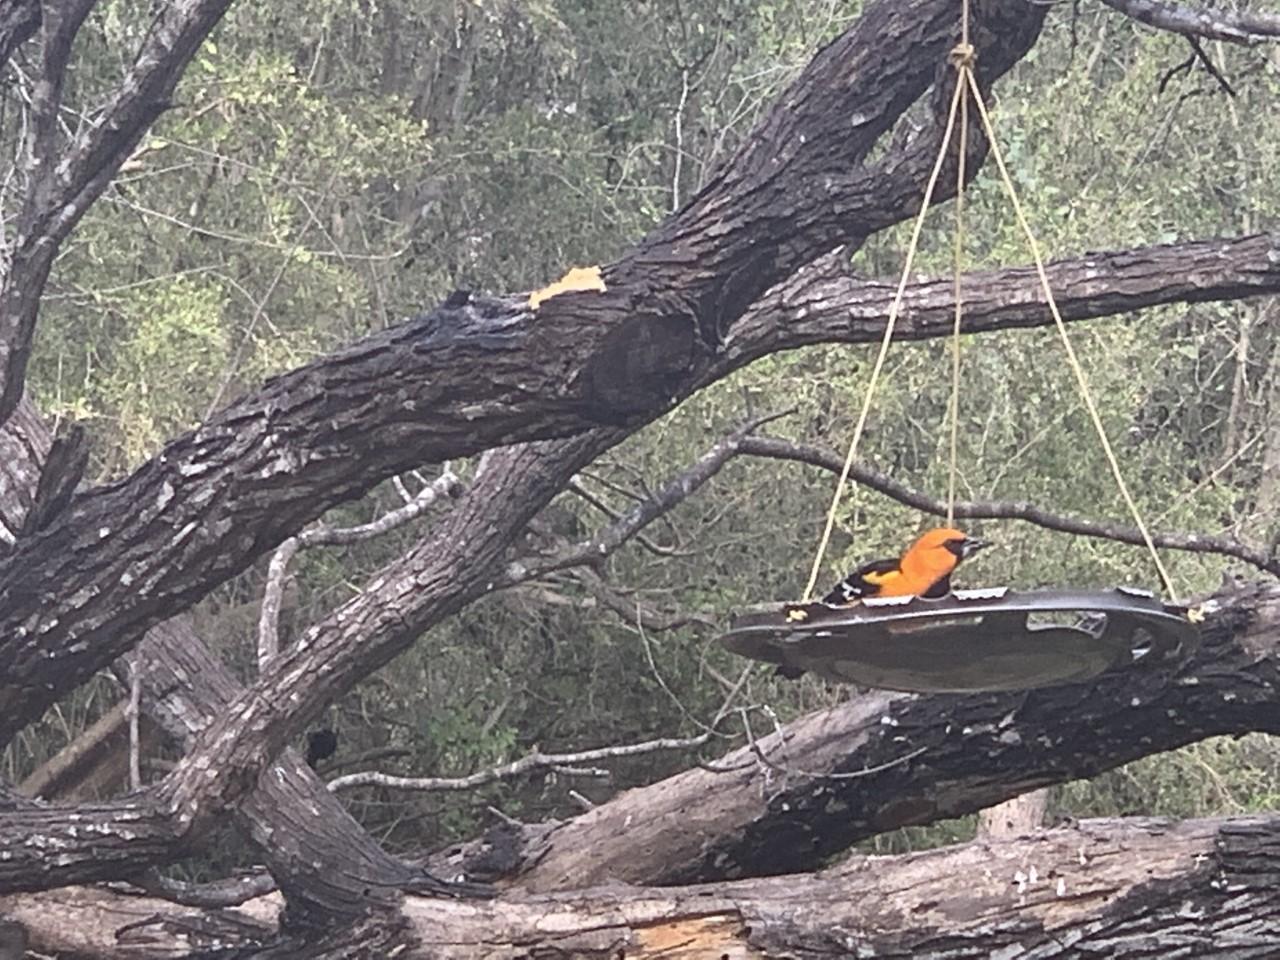 Fate of popular South Texas birding spot uncertain as border wall moves closer